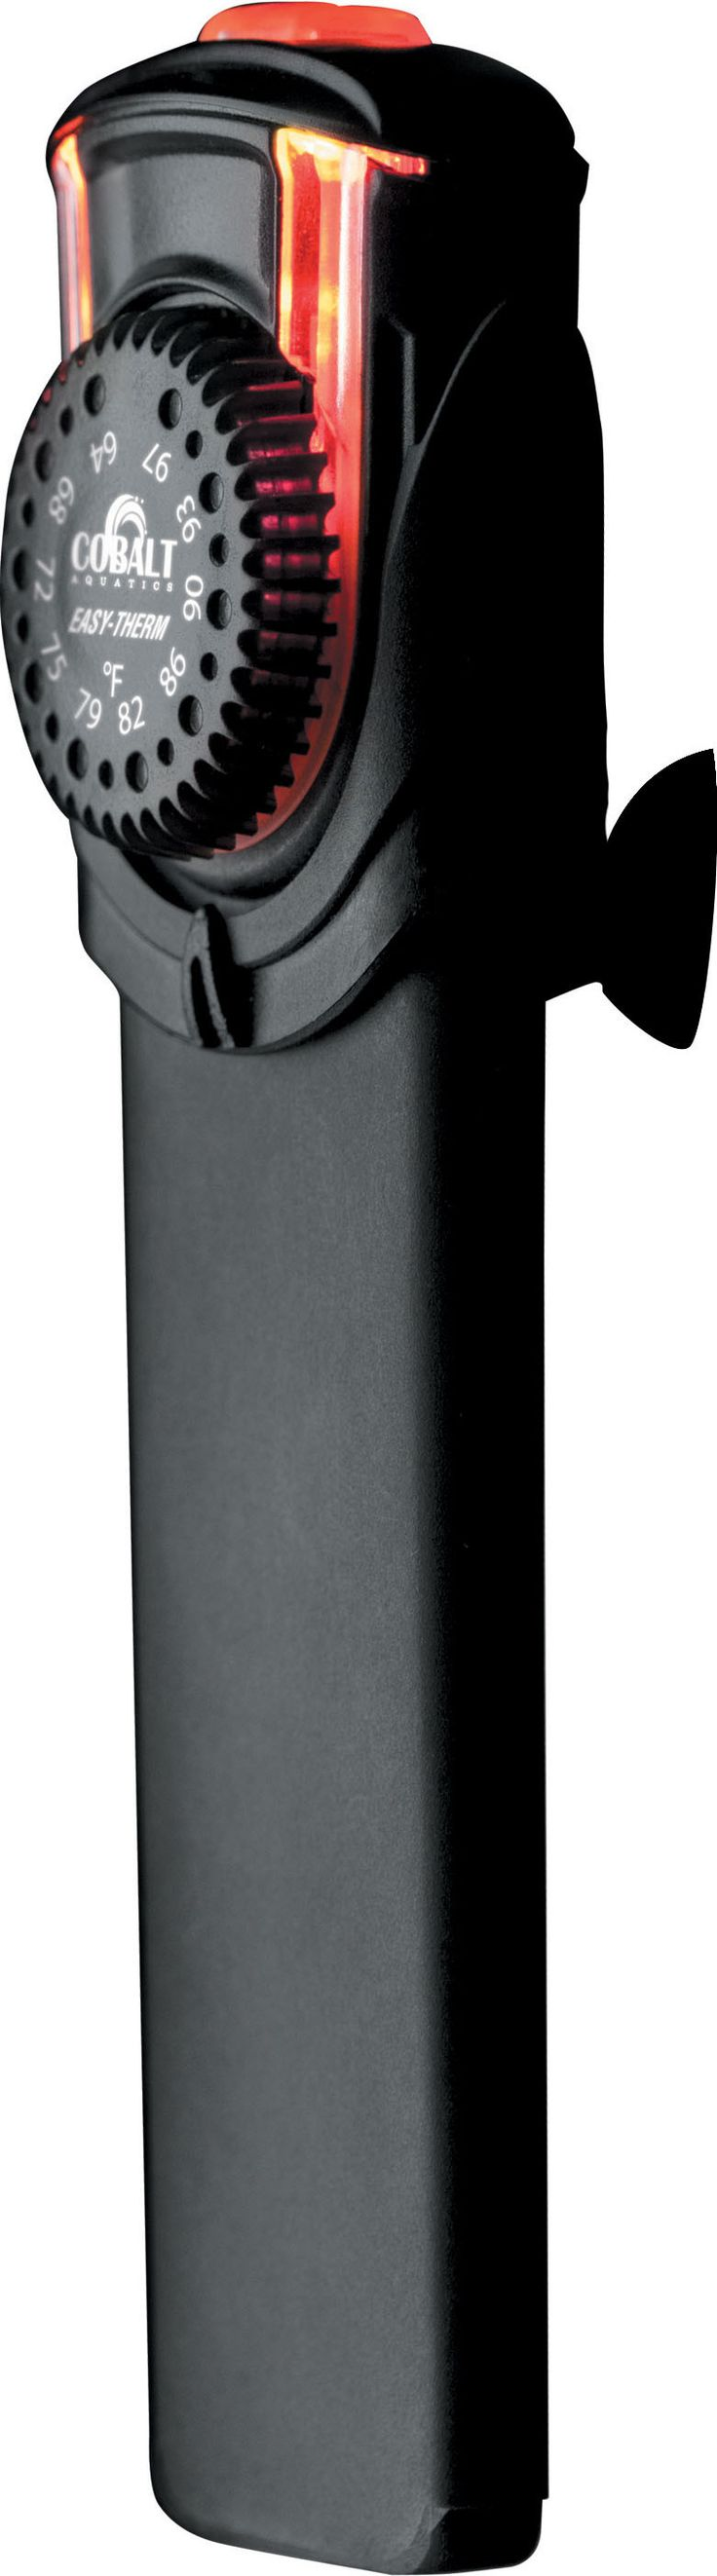 Easy-therm Submersible Aquarium Heater